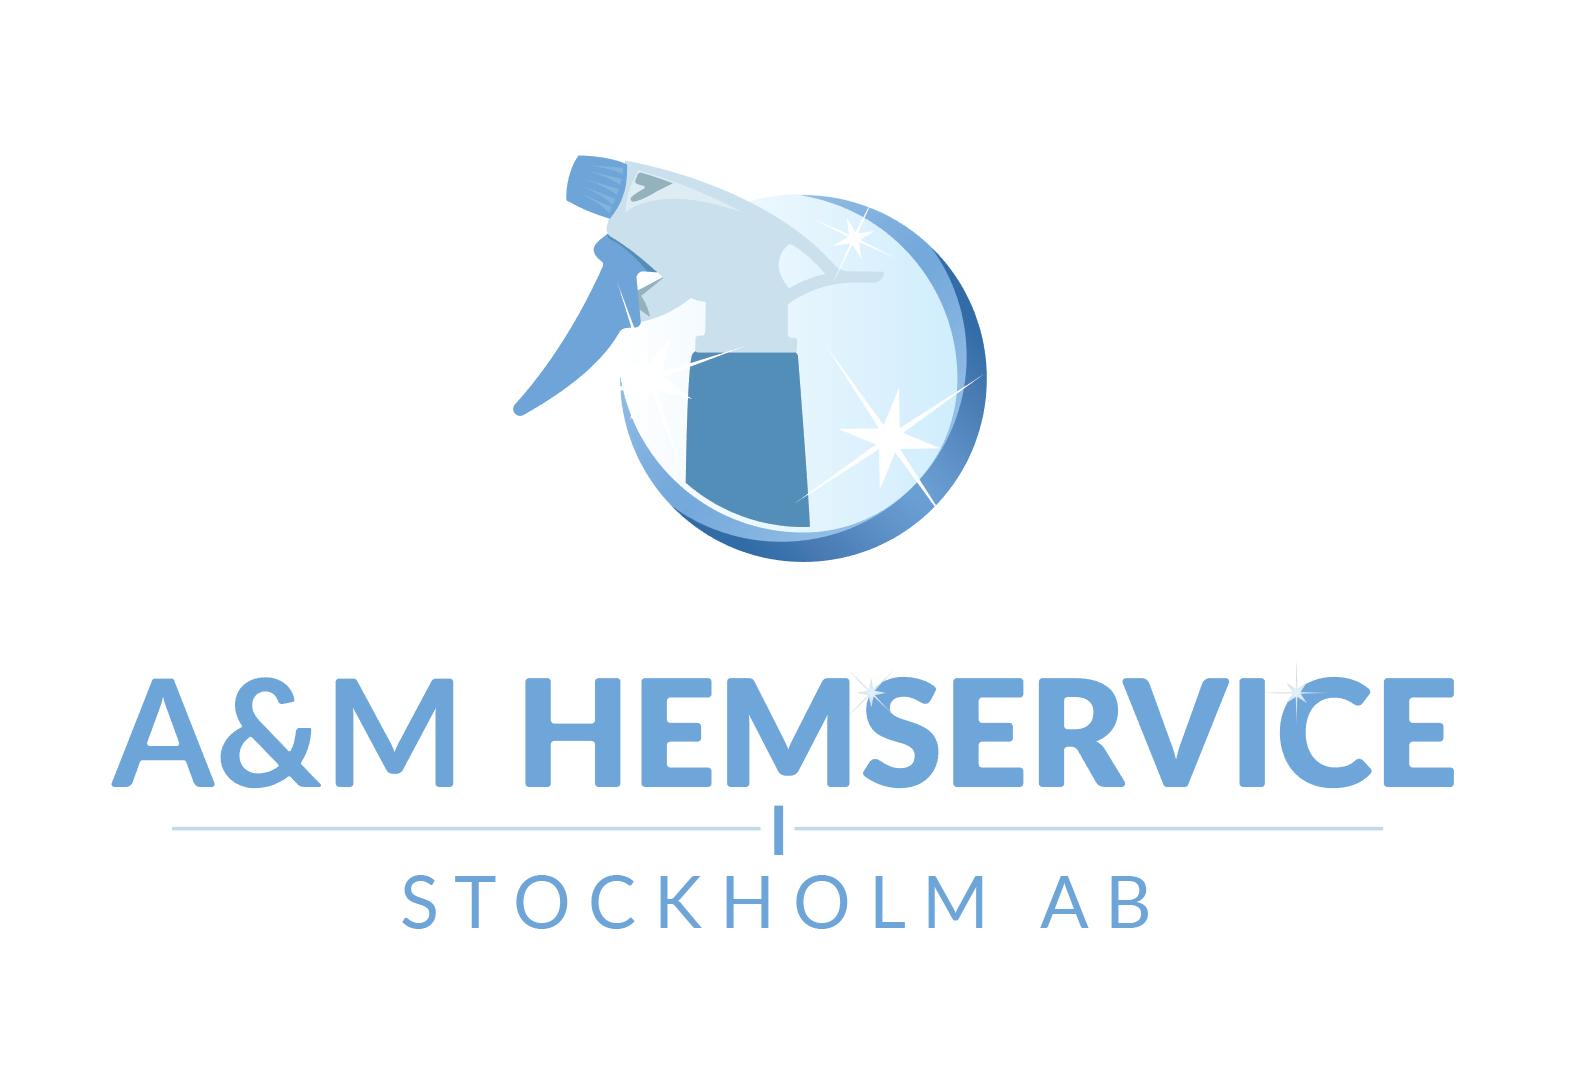 A&M HEMSERVICE